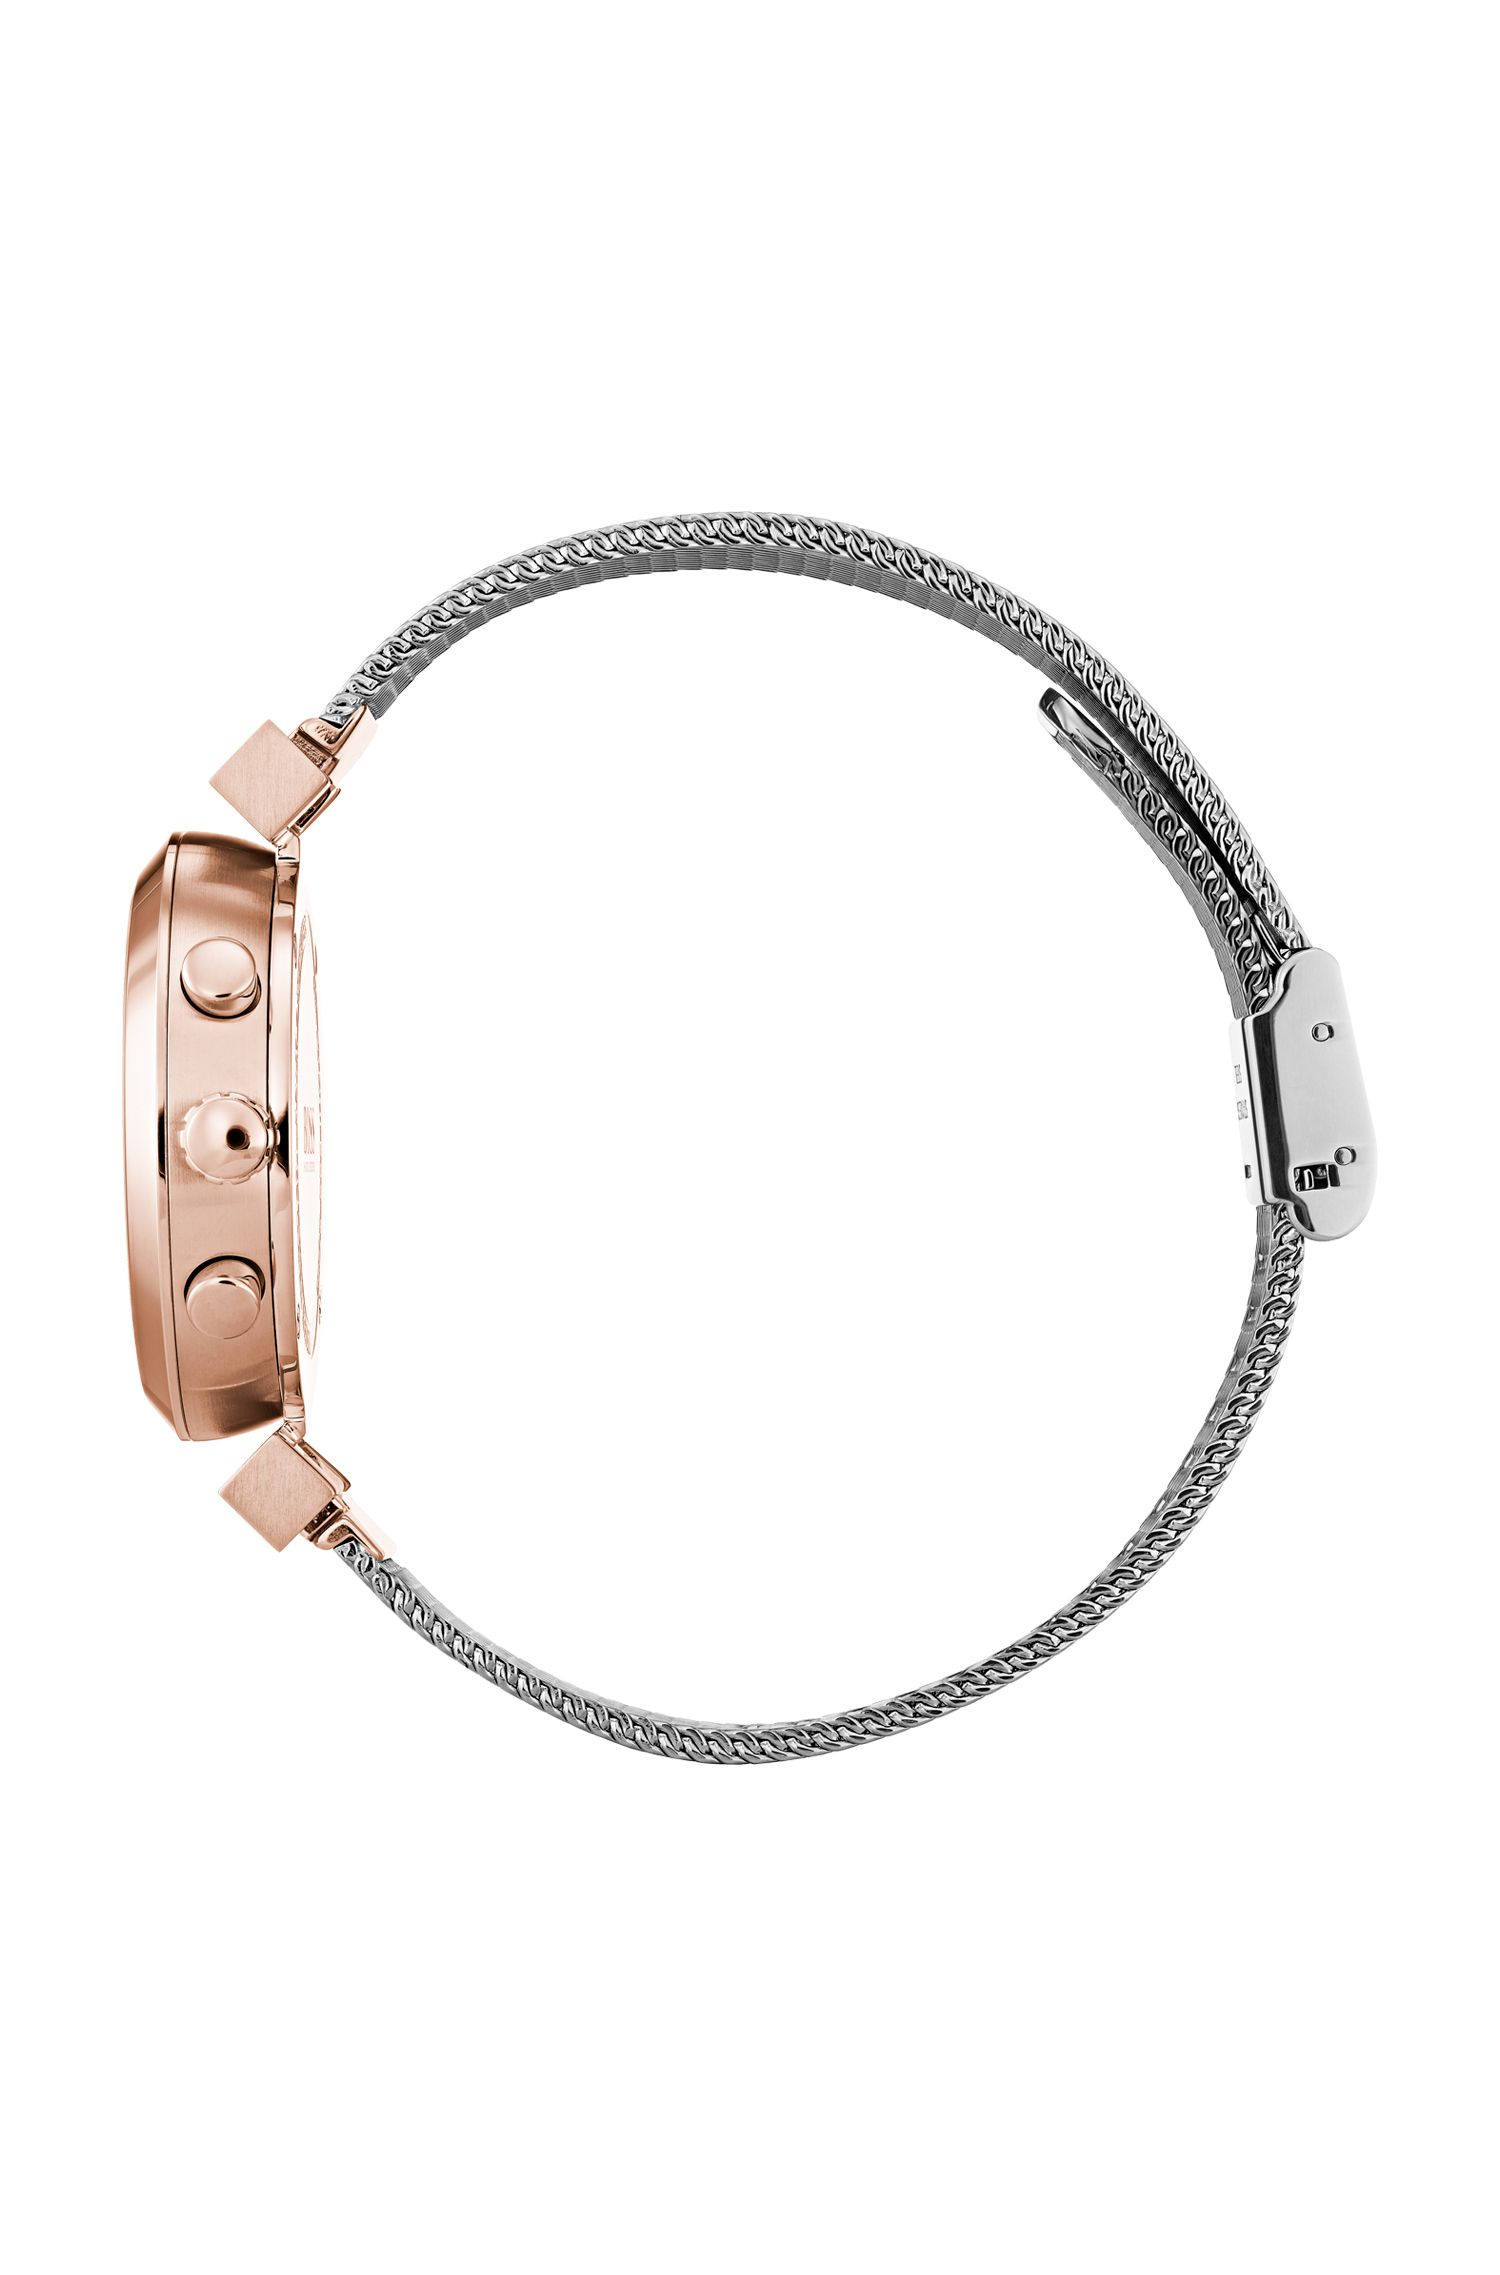 Multi-eye watch in carnation-gold